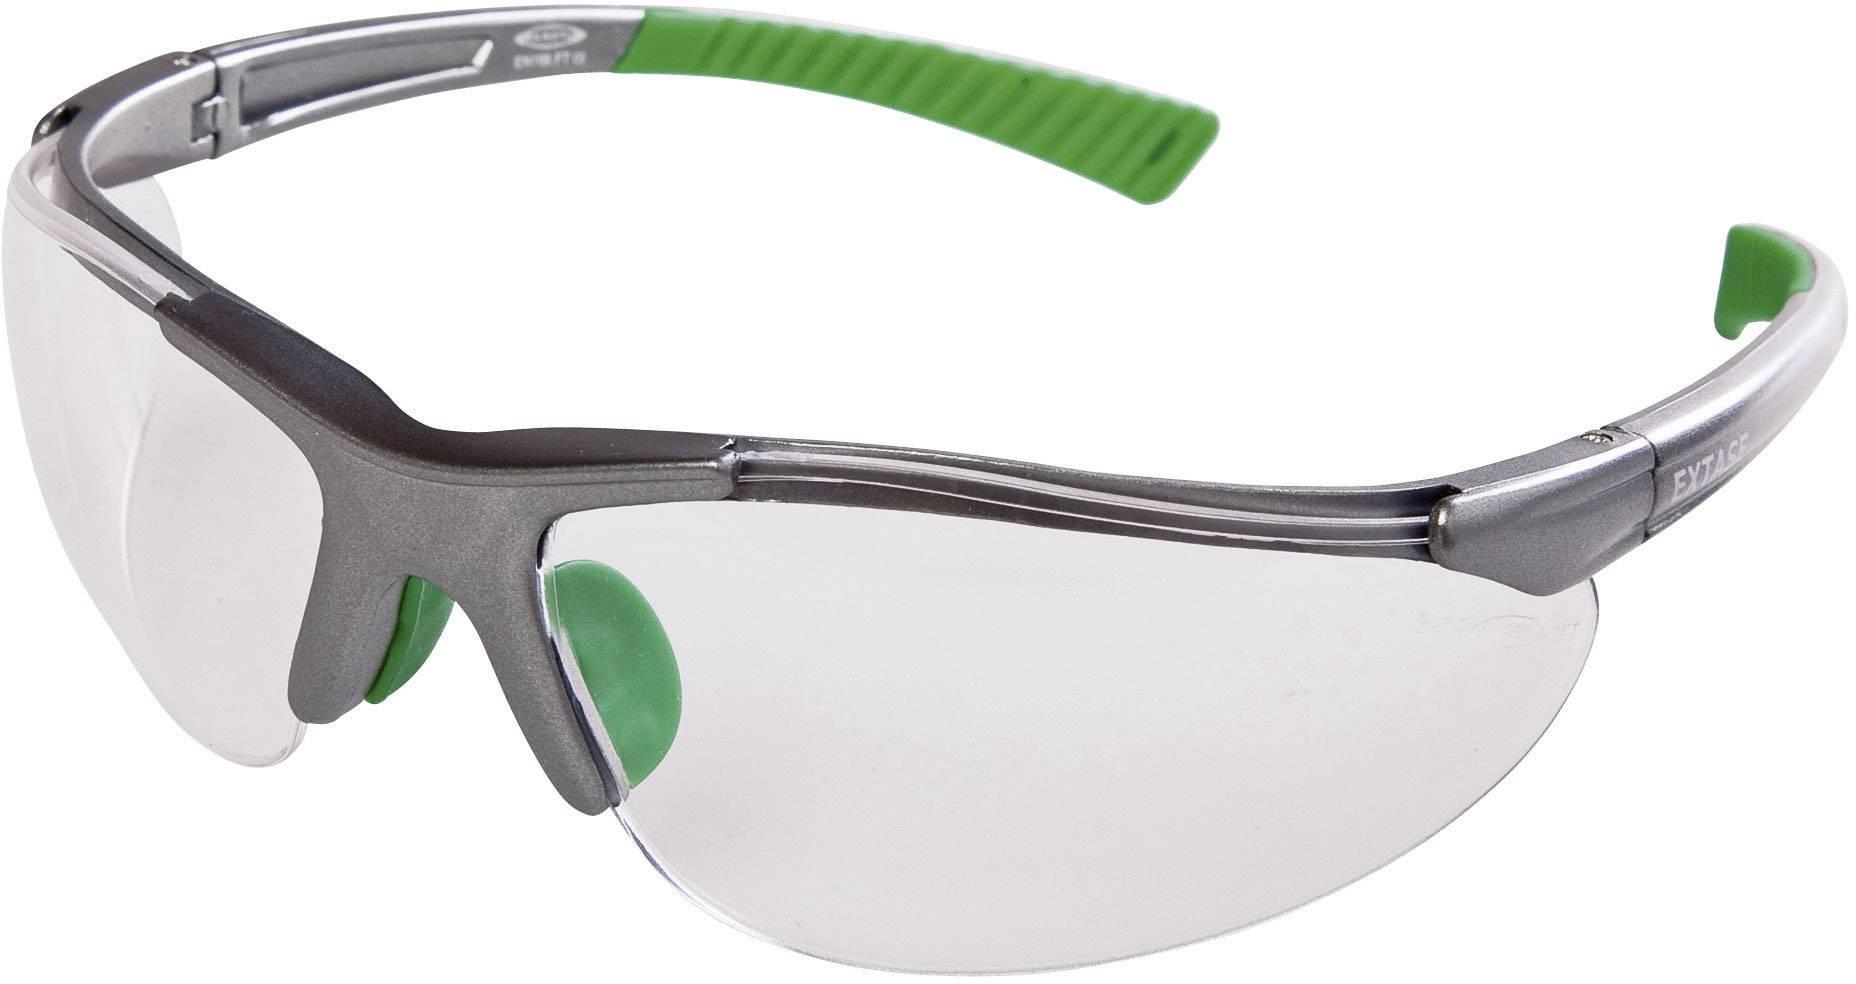 Ochranné okuliare Ekastu Sekur Safety Carina Klein Design Extase, číre